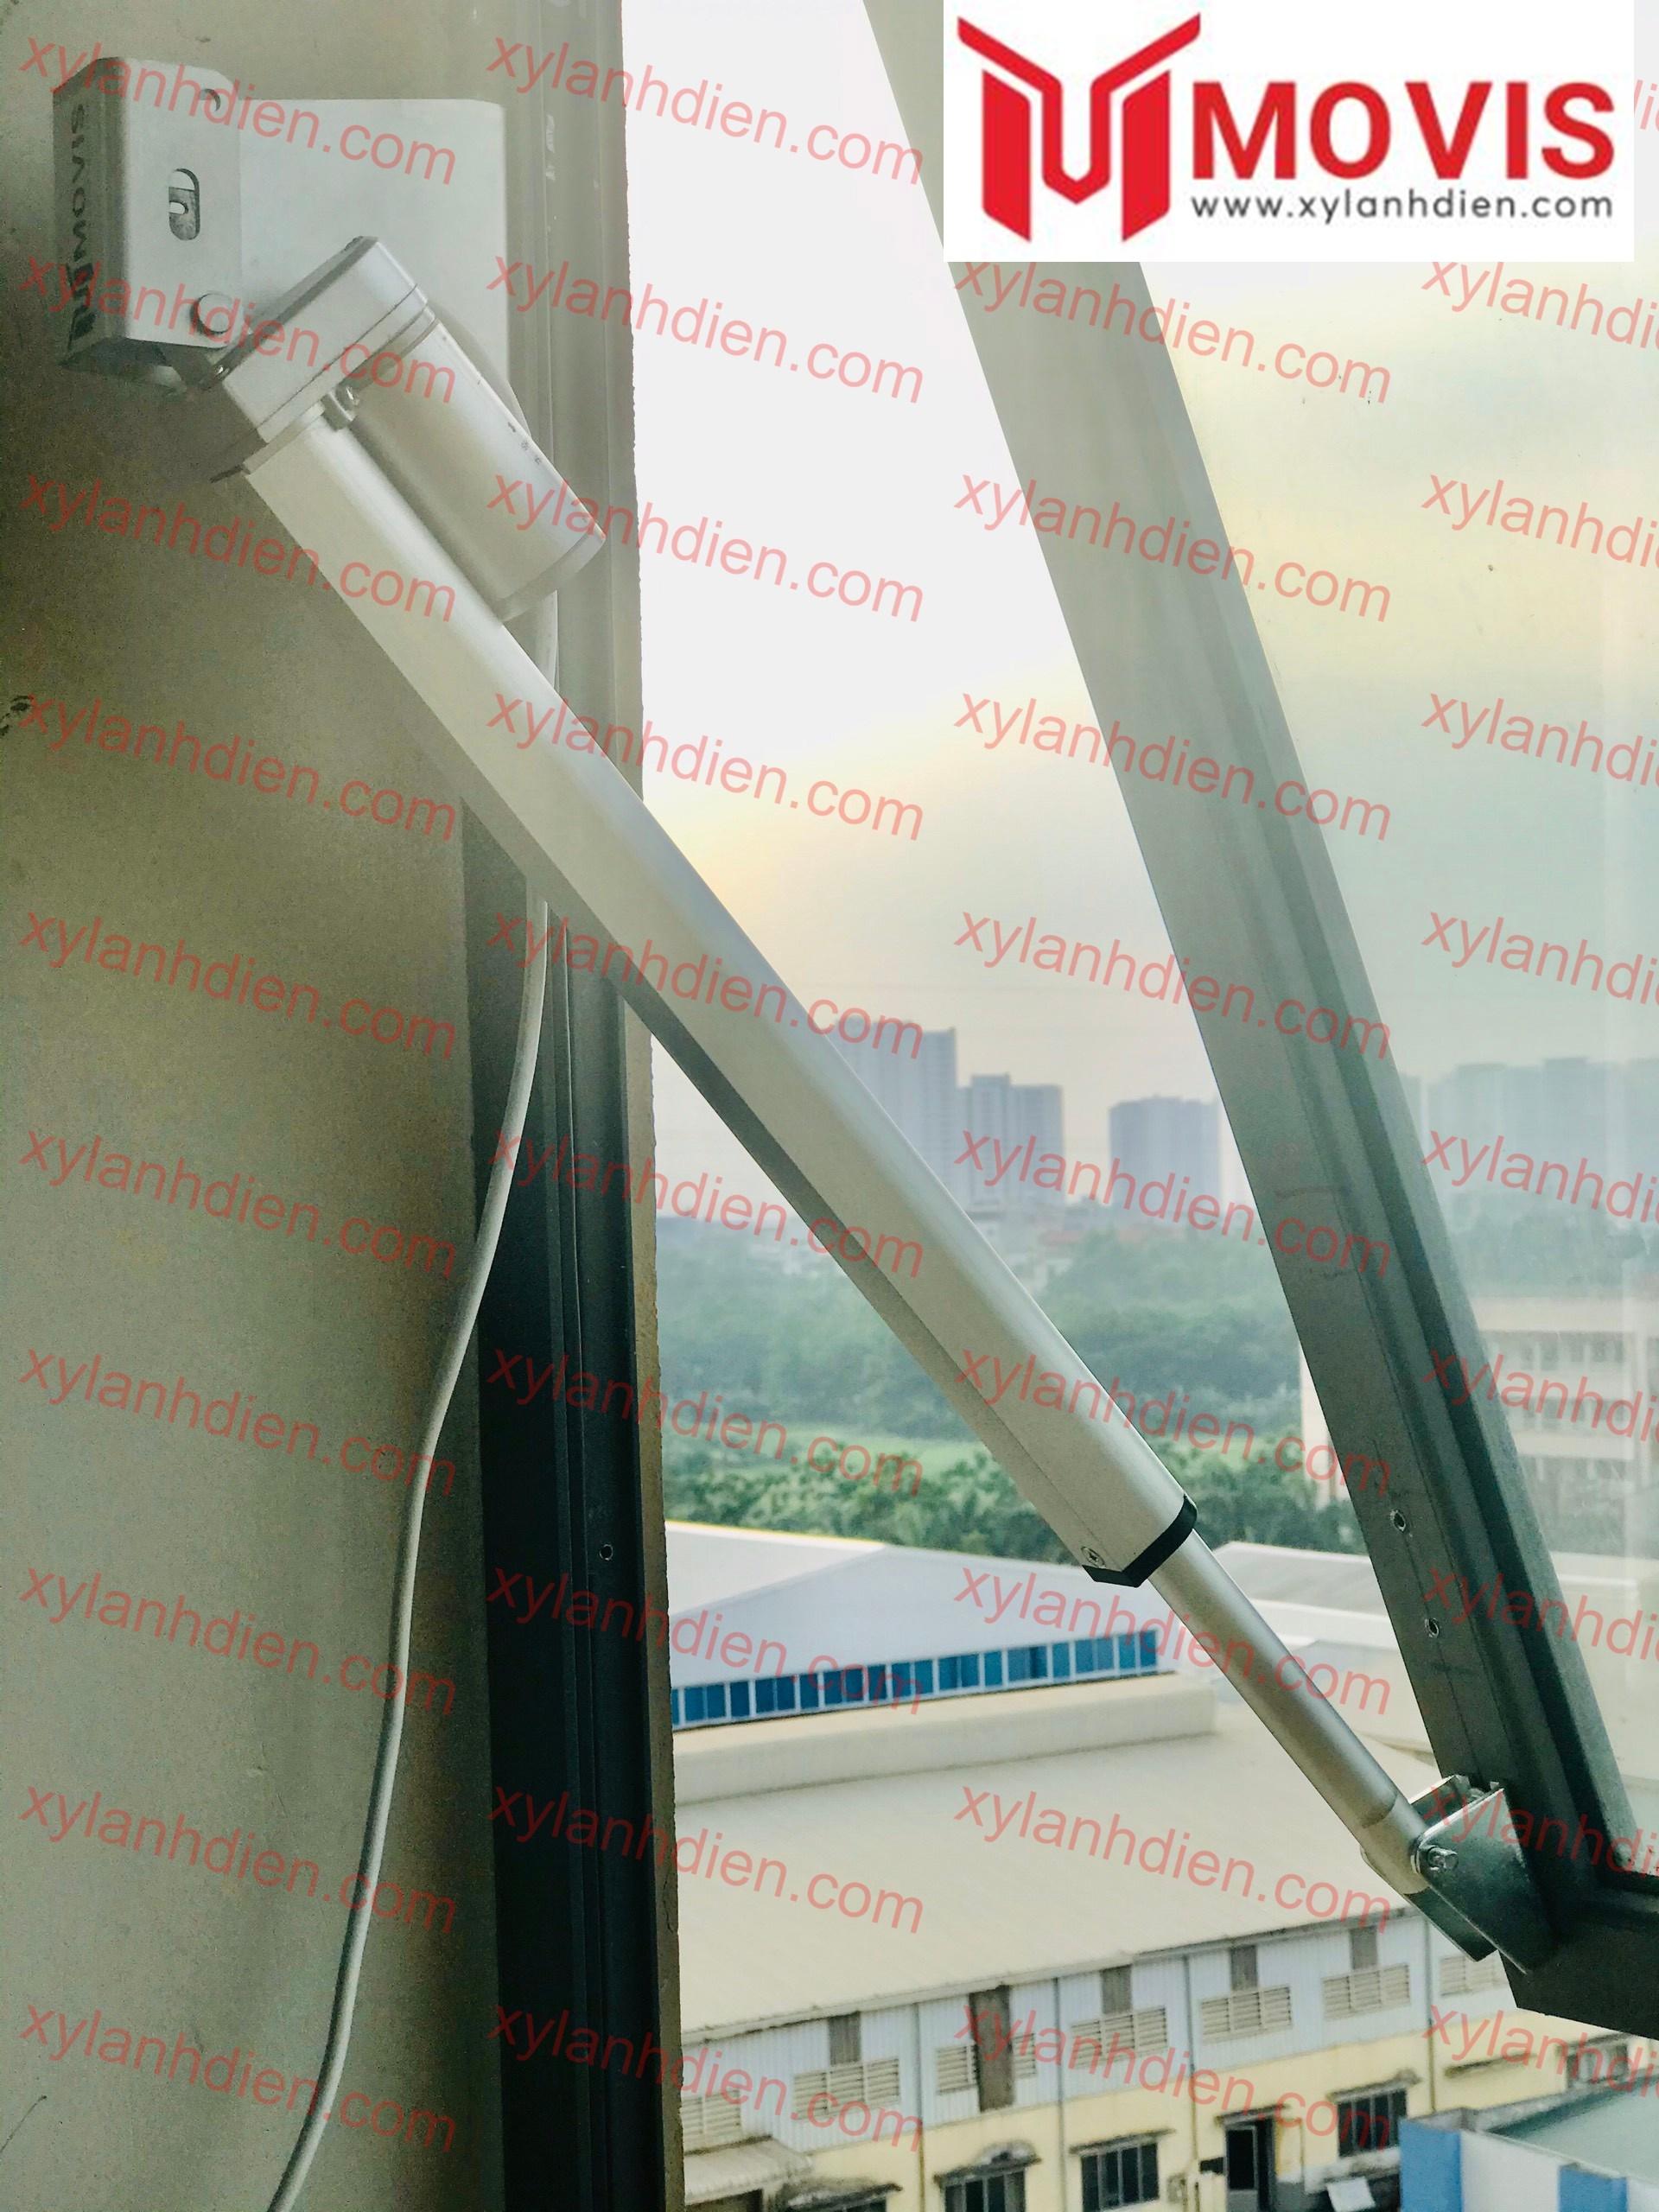 Cửa sổ tự động sử dụng xy lanh điện